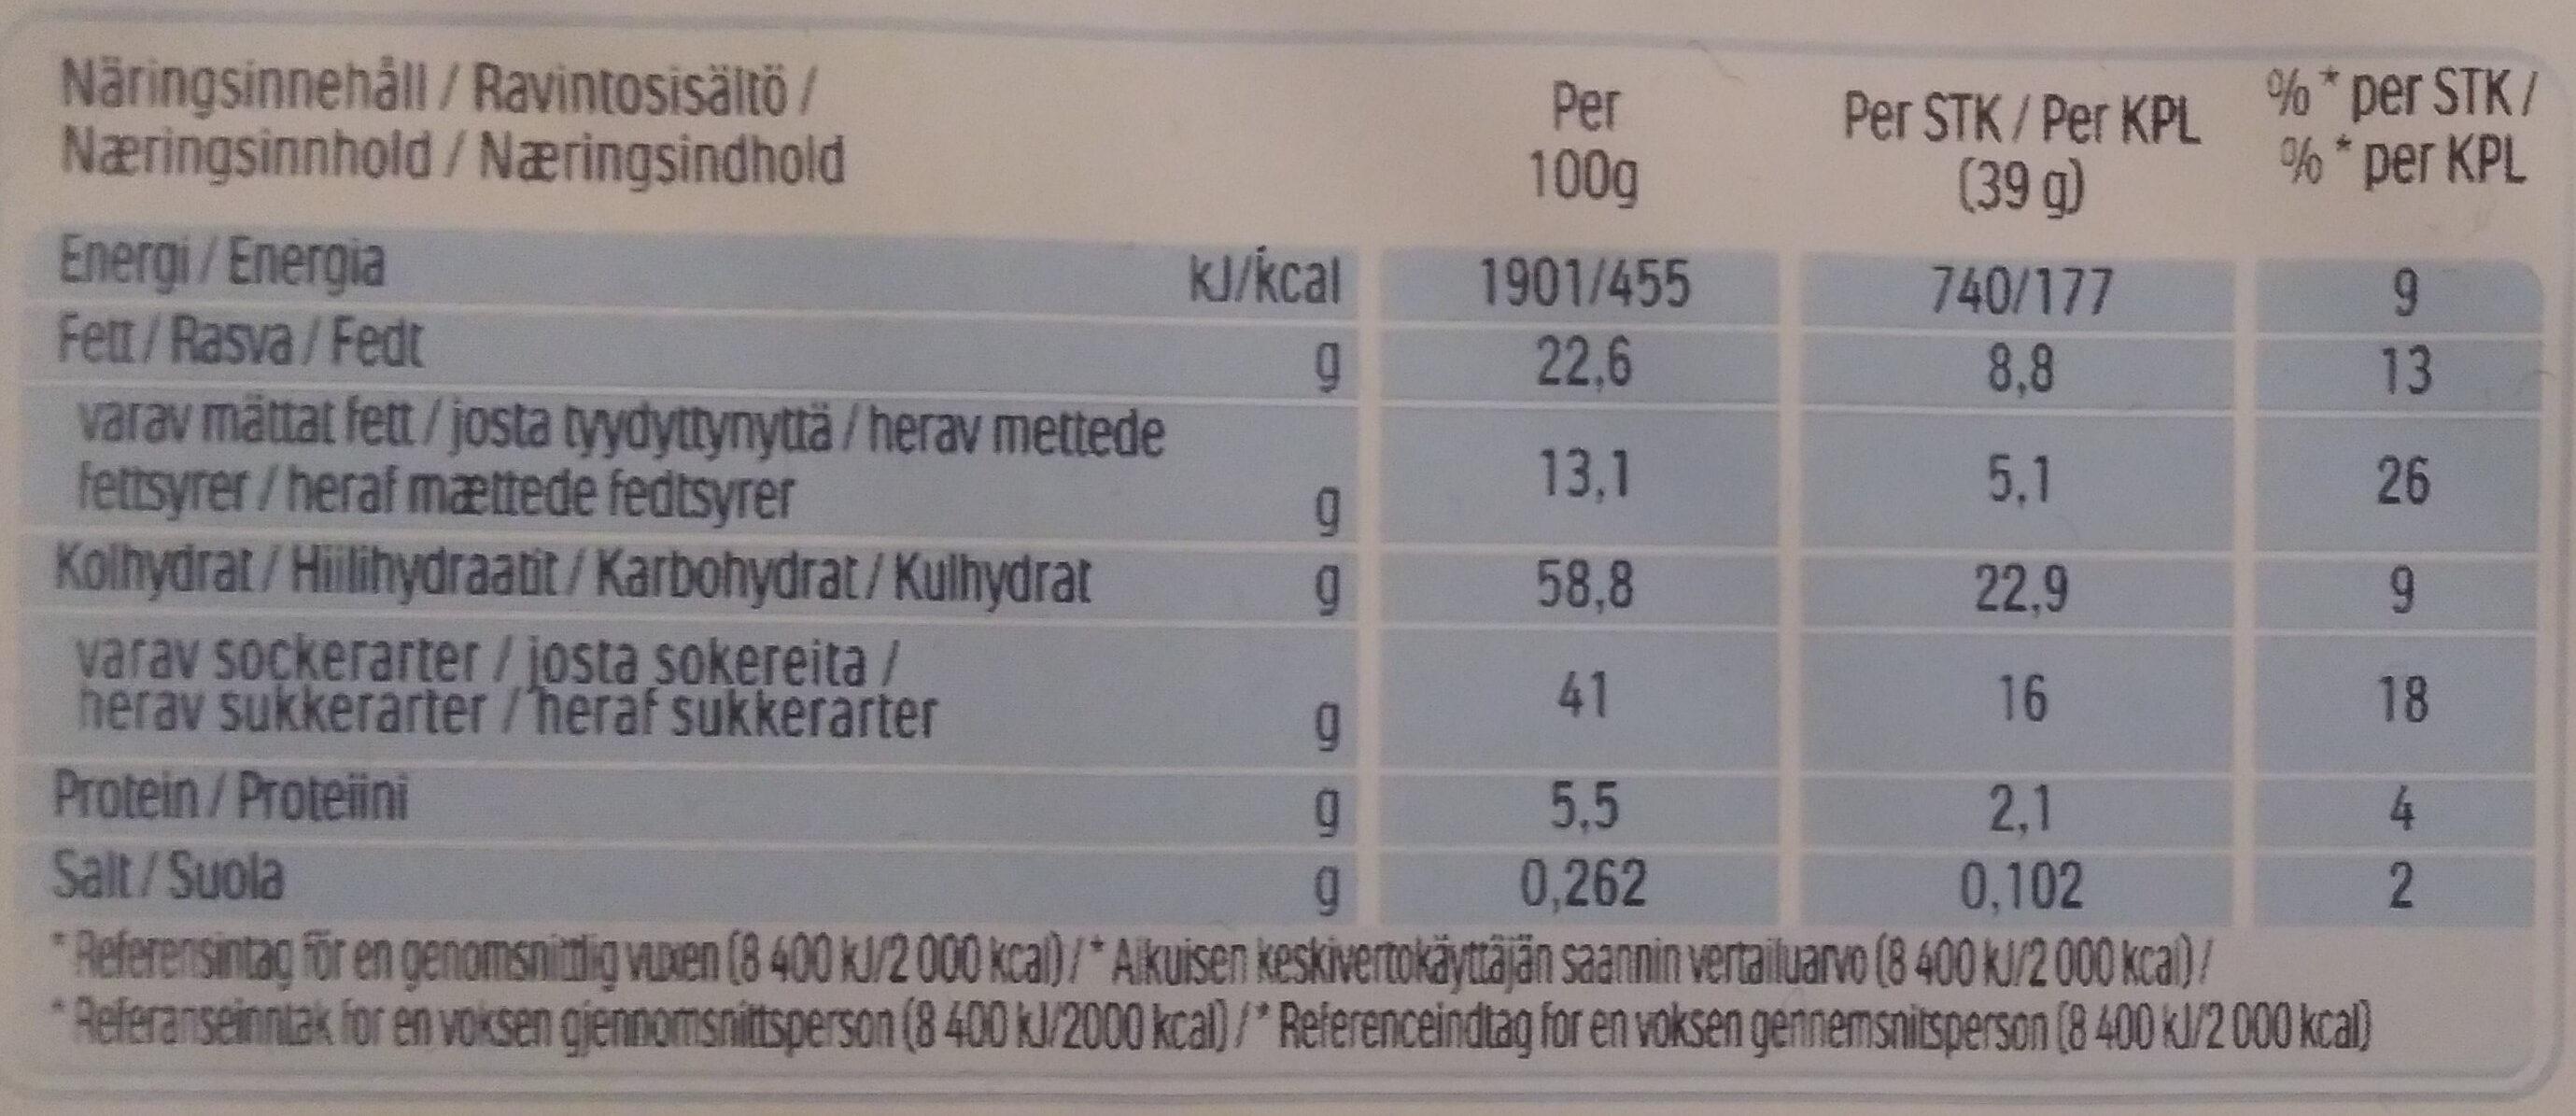 Kinder delice cacao gateau enrobe au cacao et fourre au lait t10 pack de 10 pieces - Ravintosisältö - fi